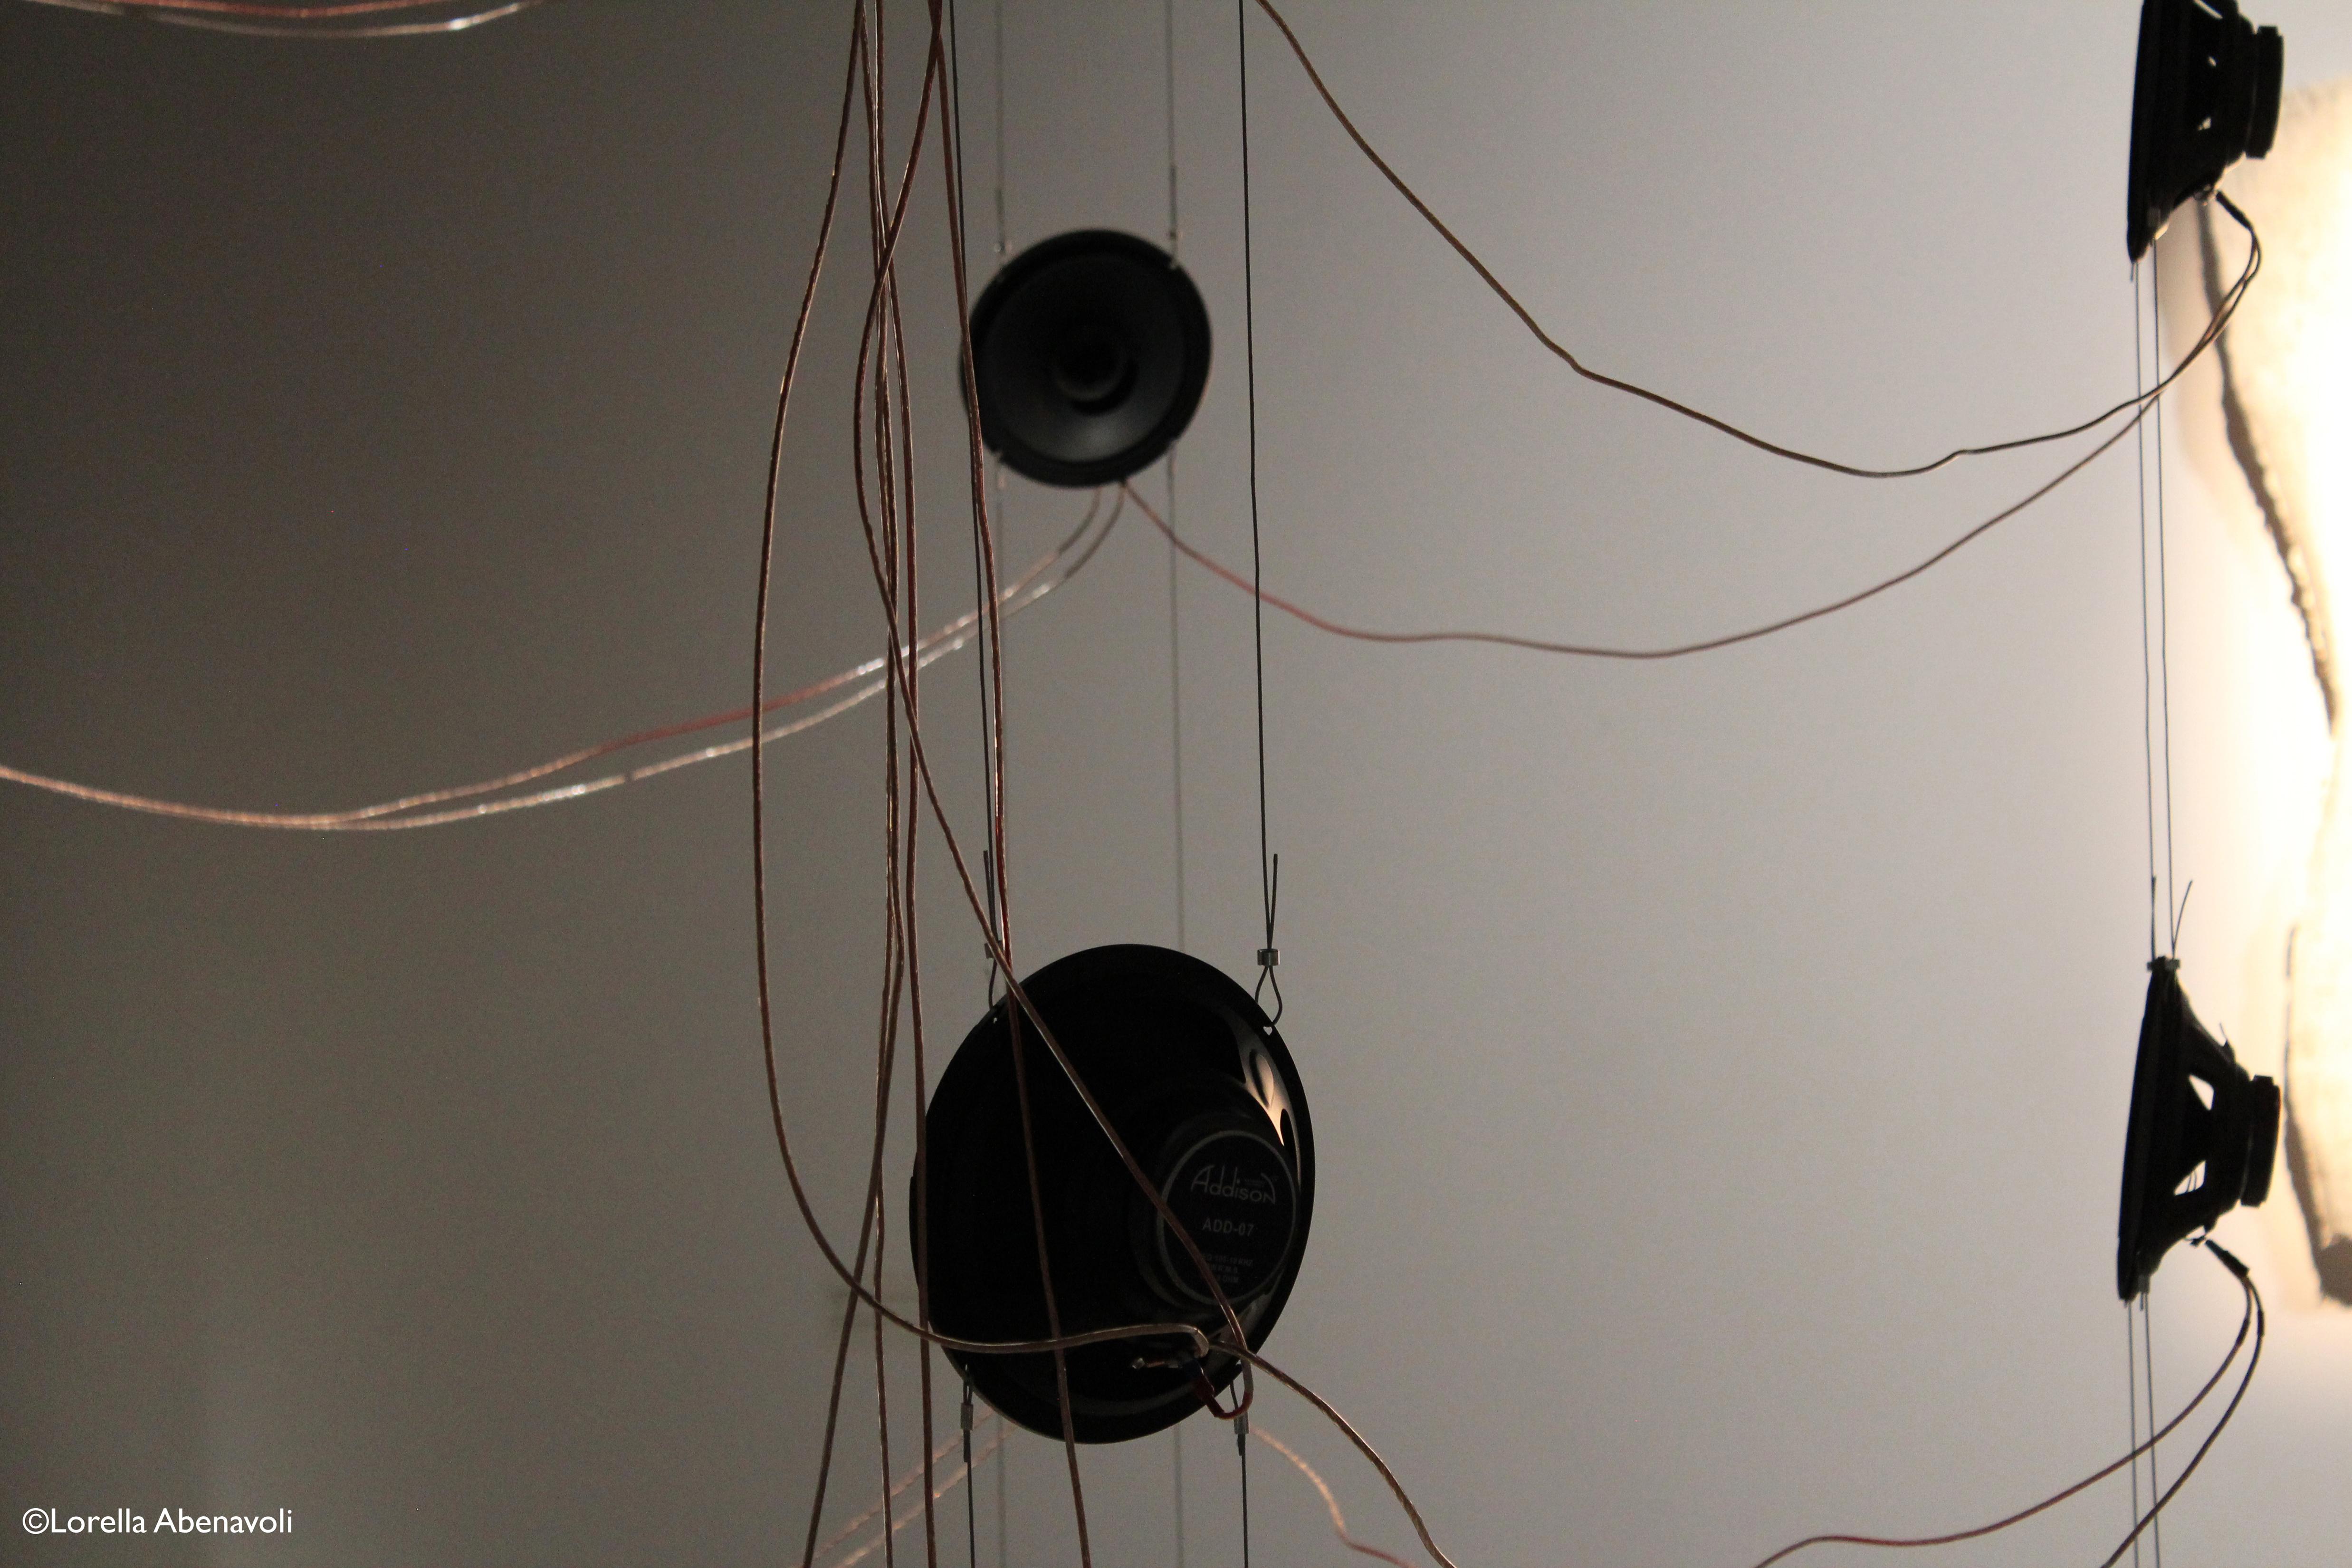 Verticale, L. son d. la m..té. d. .a sève d..s un a.bre au pr..temps, installation (détail) Lorella Abenavoli. Suspension contenant toute l'électronique du projet reliée par un bouquet de câble aux 42 haut-parleurs. 2014. Galerie R3 UQTR. Photo: ©Lorella Abenavoli